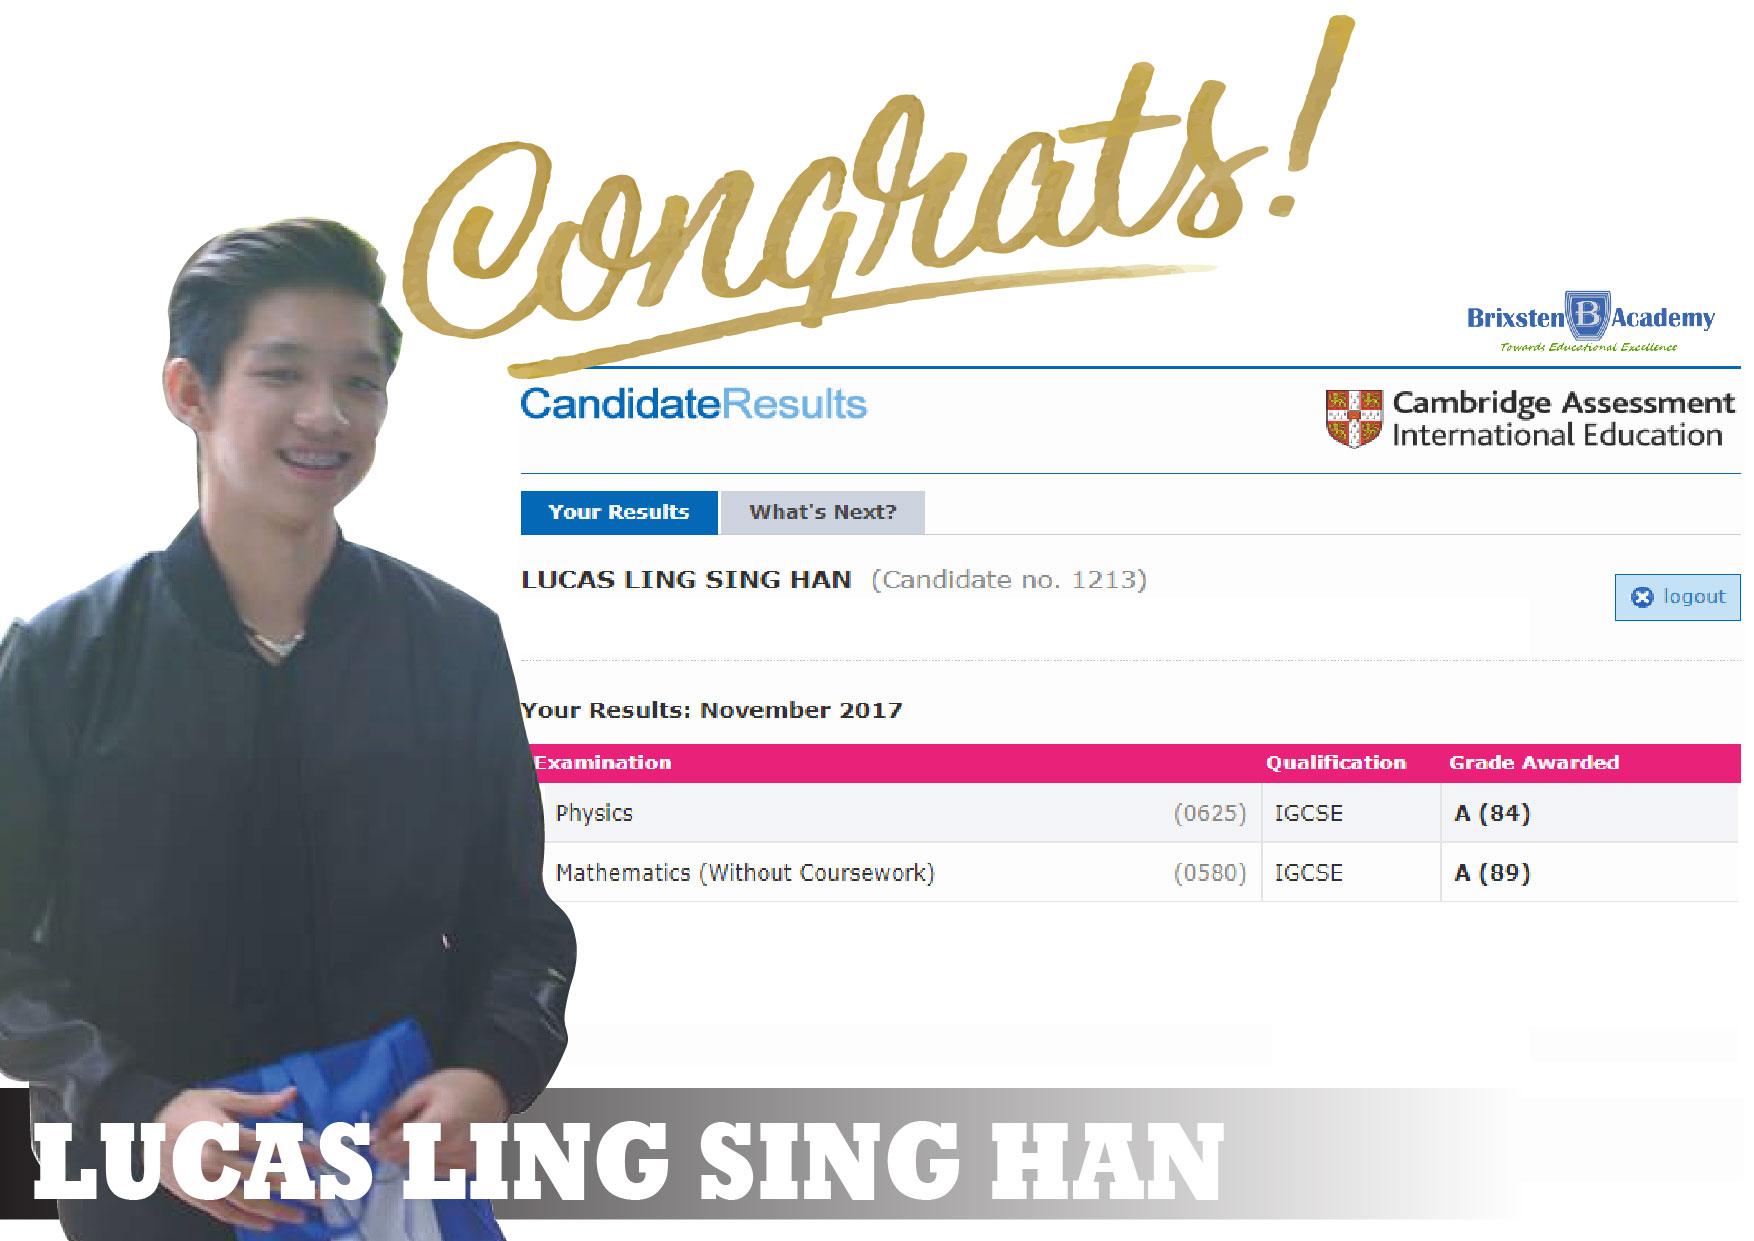 Lucas Ling Sing Han